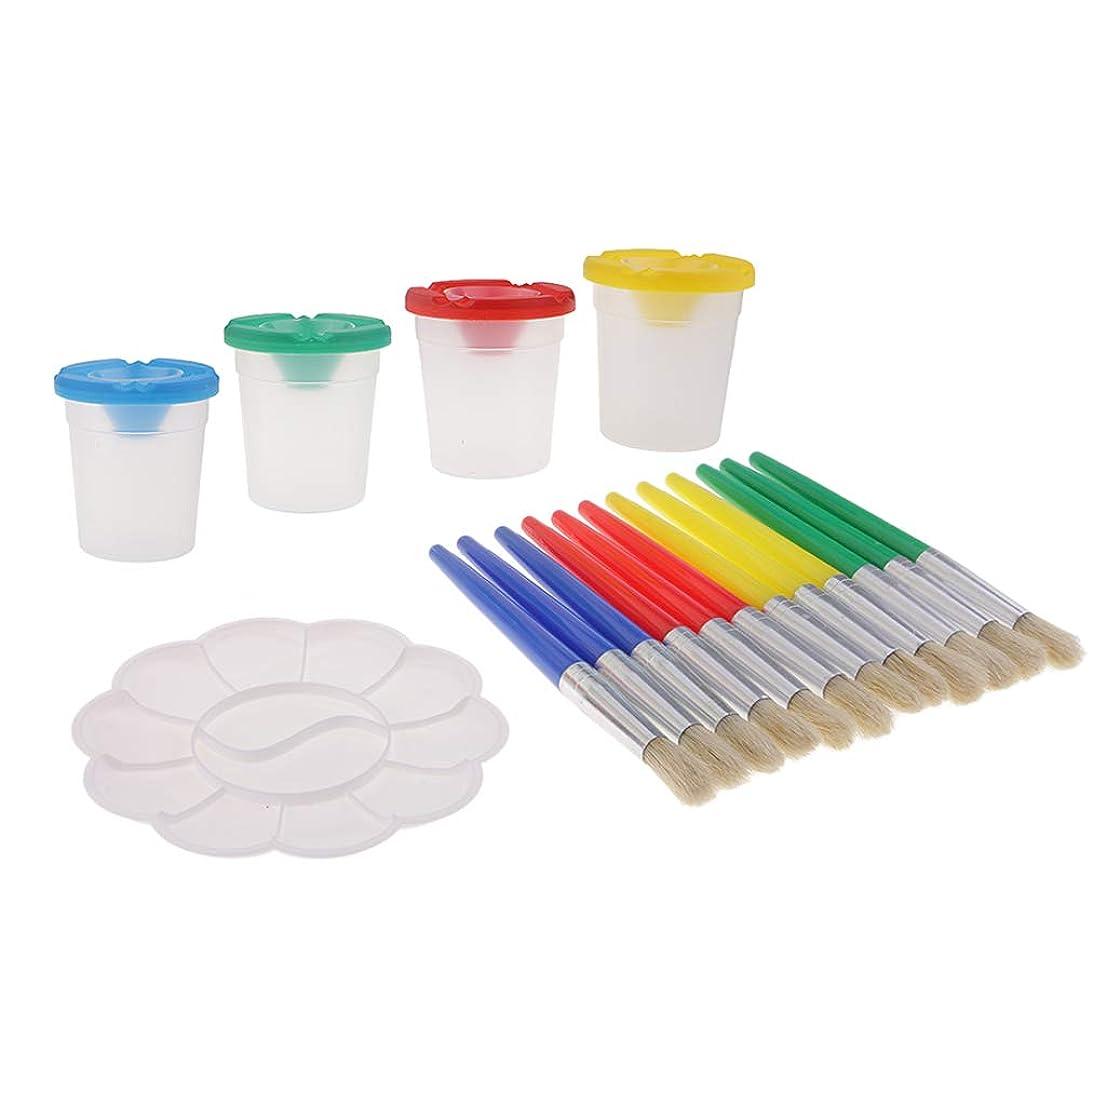 承認リークエッセンスこぼれ防止塗料カップ ペイントブラシ パレット 幼児保育園用 庭用 芸術用 コース用 約17個入り